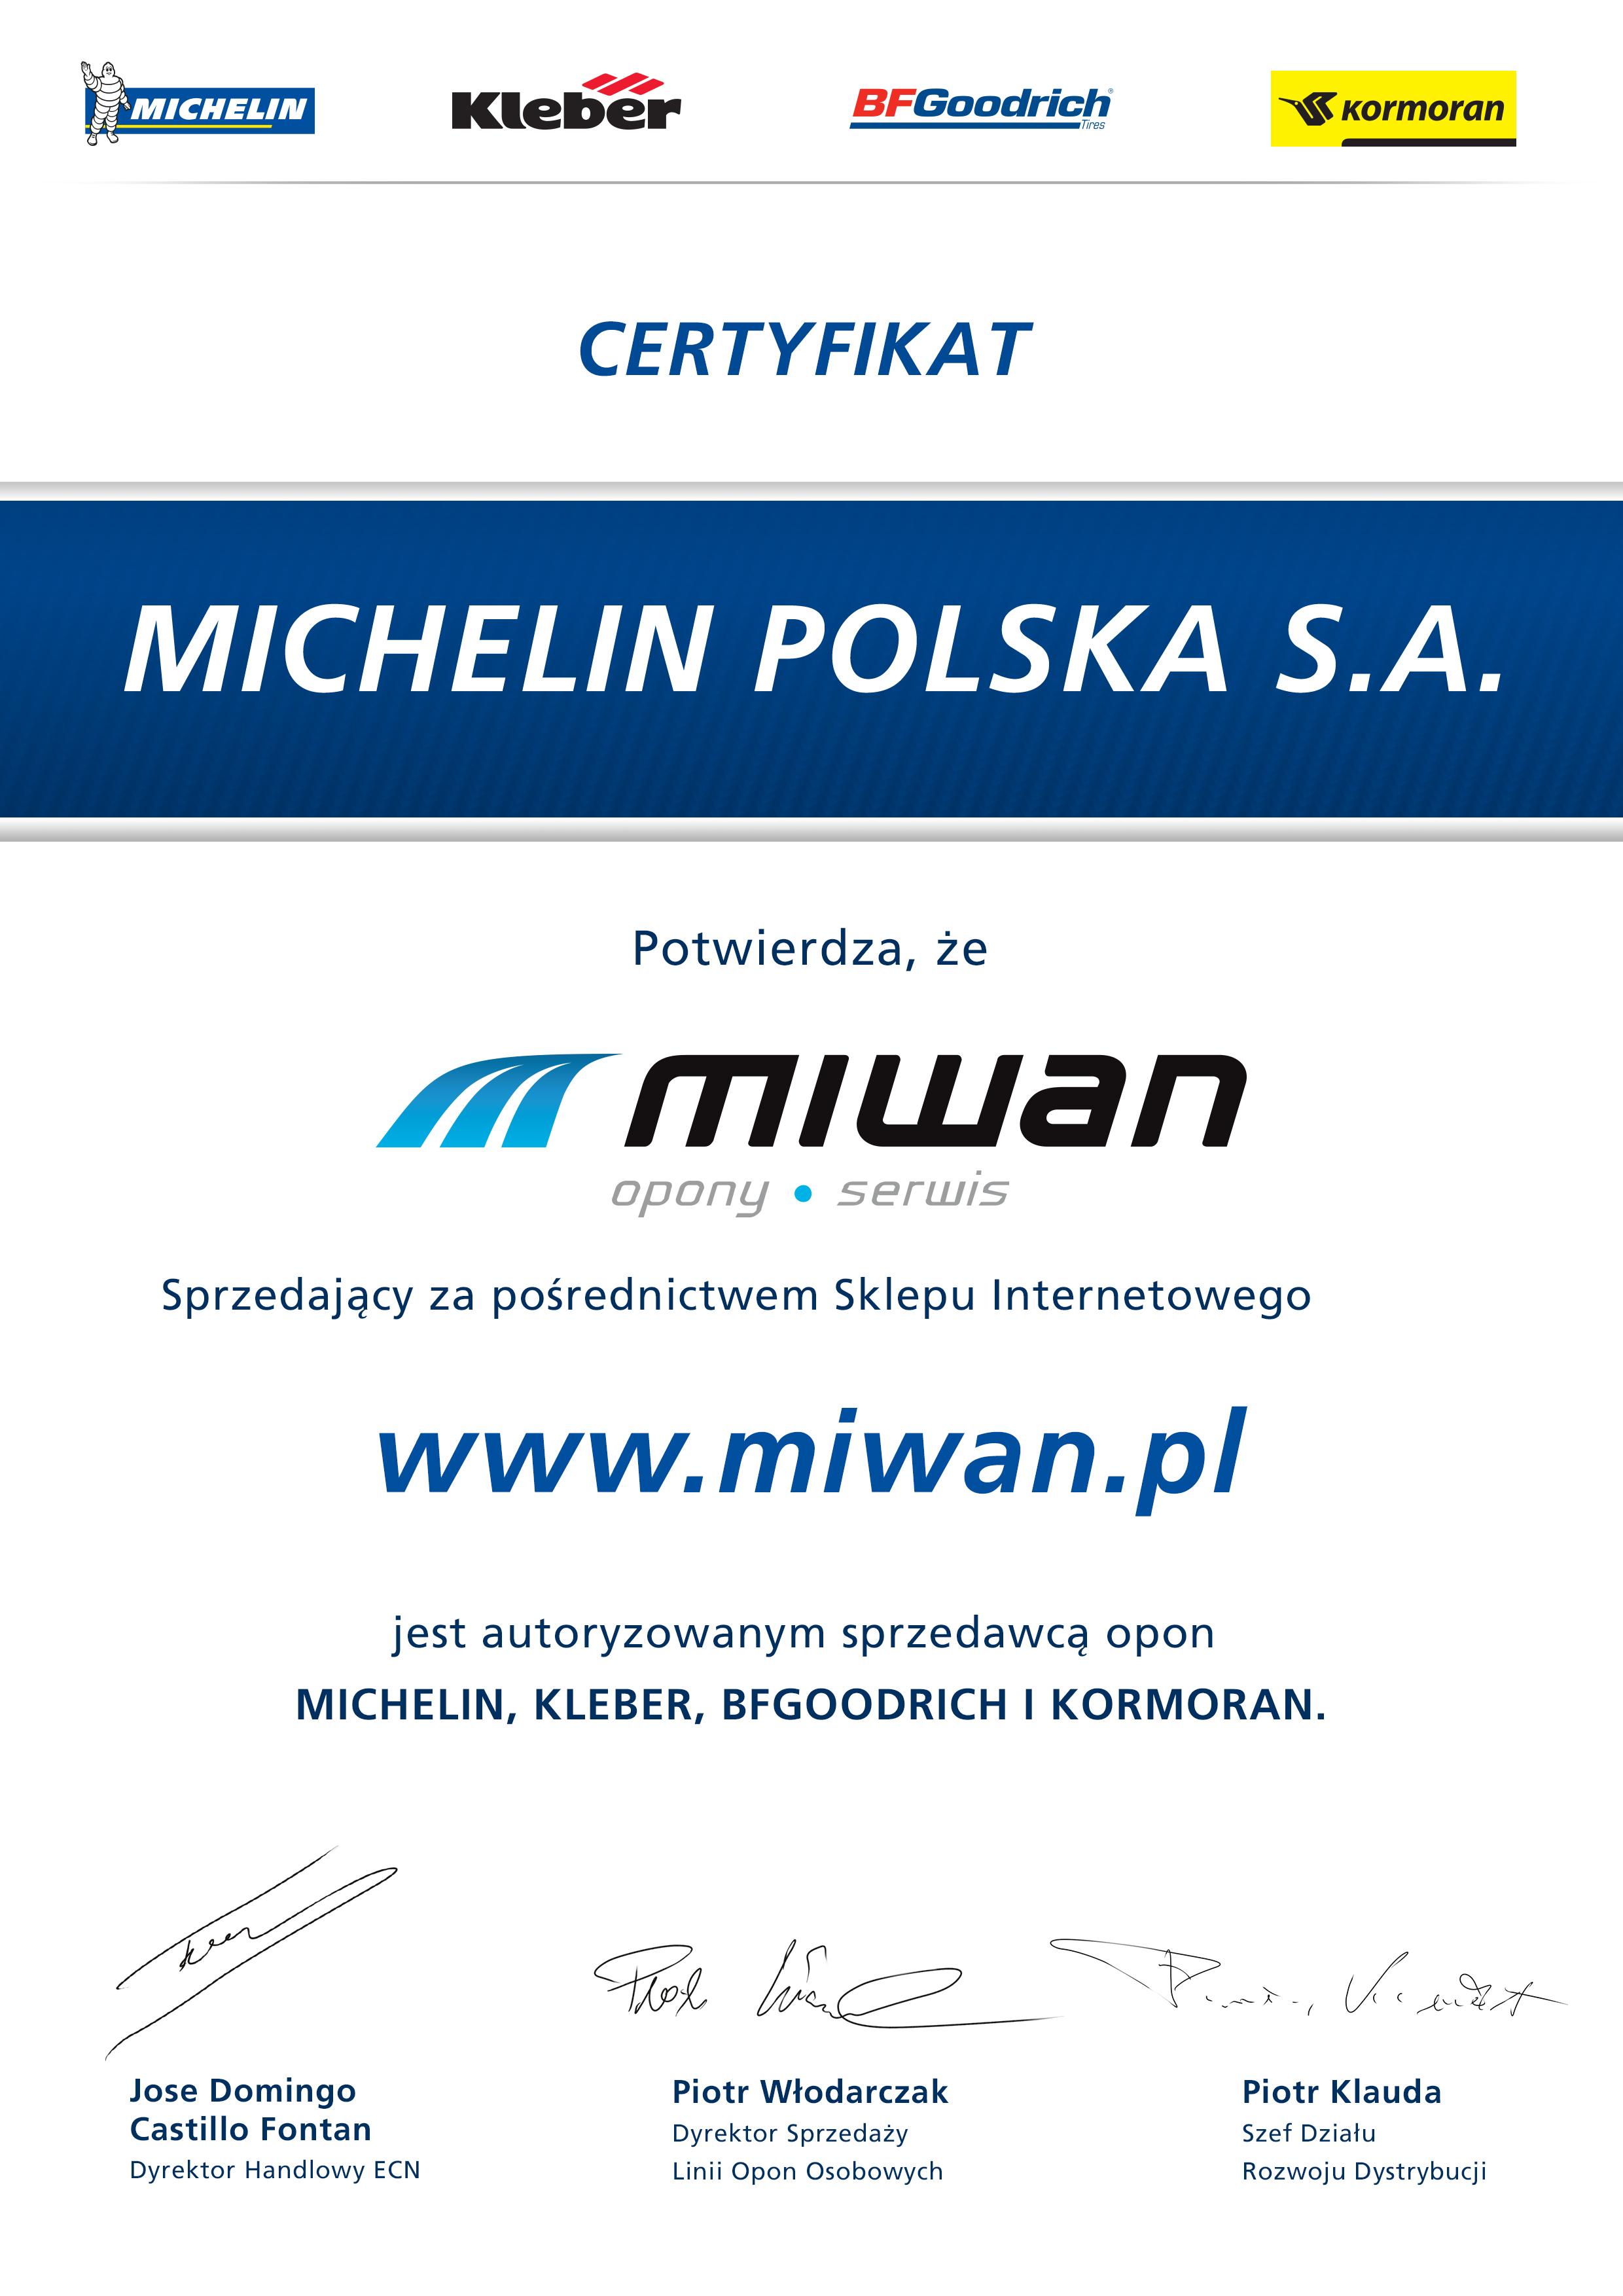 Certyfikat_autoryzowany_sprzedawca_MiWan._v2jpg.jpg